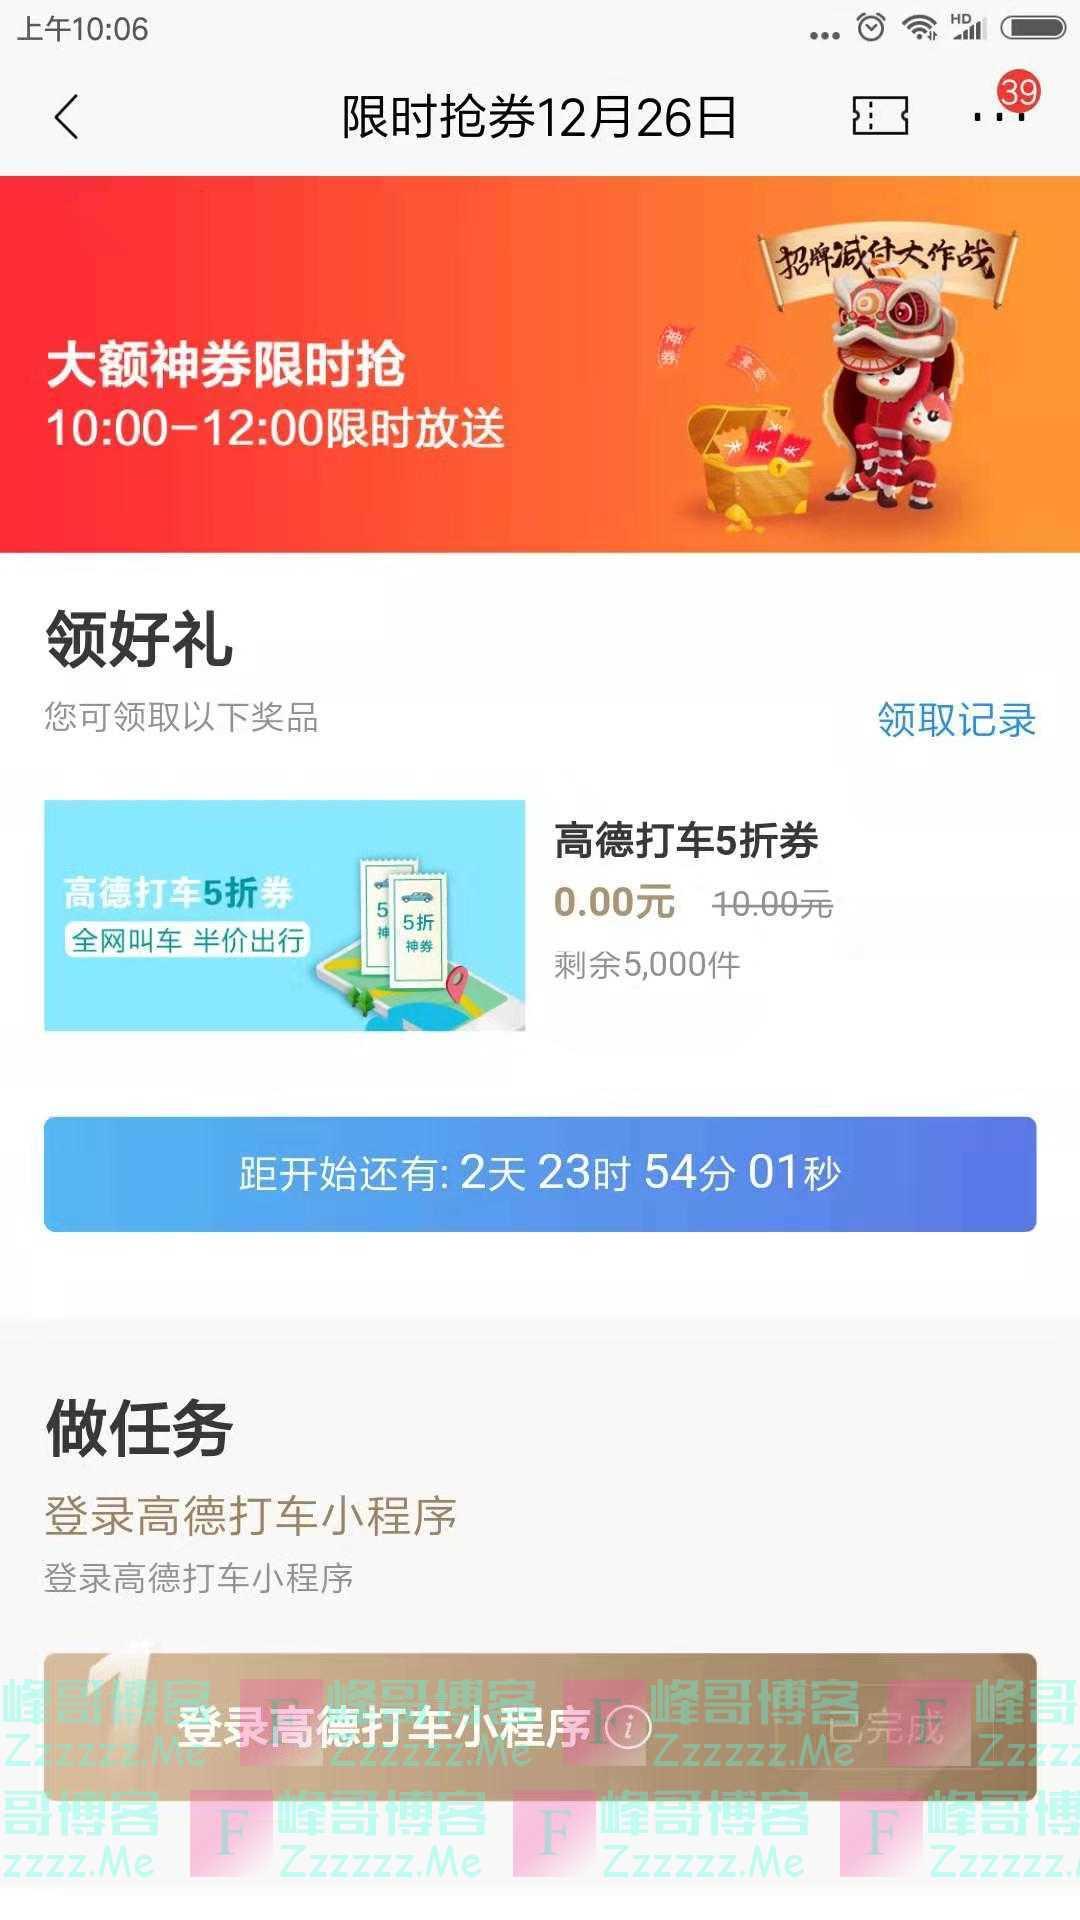 招行12.26抢高德打车5折券(截止12月26日)